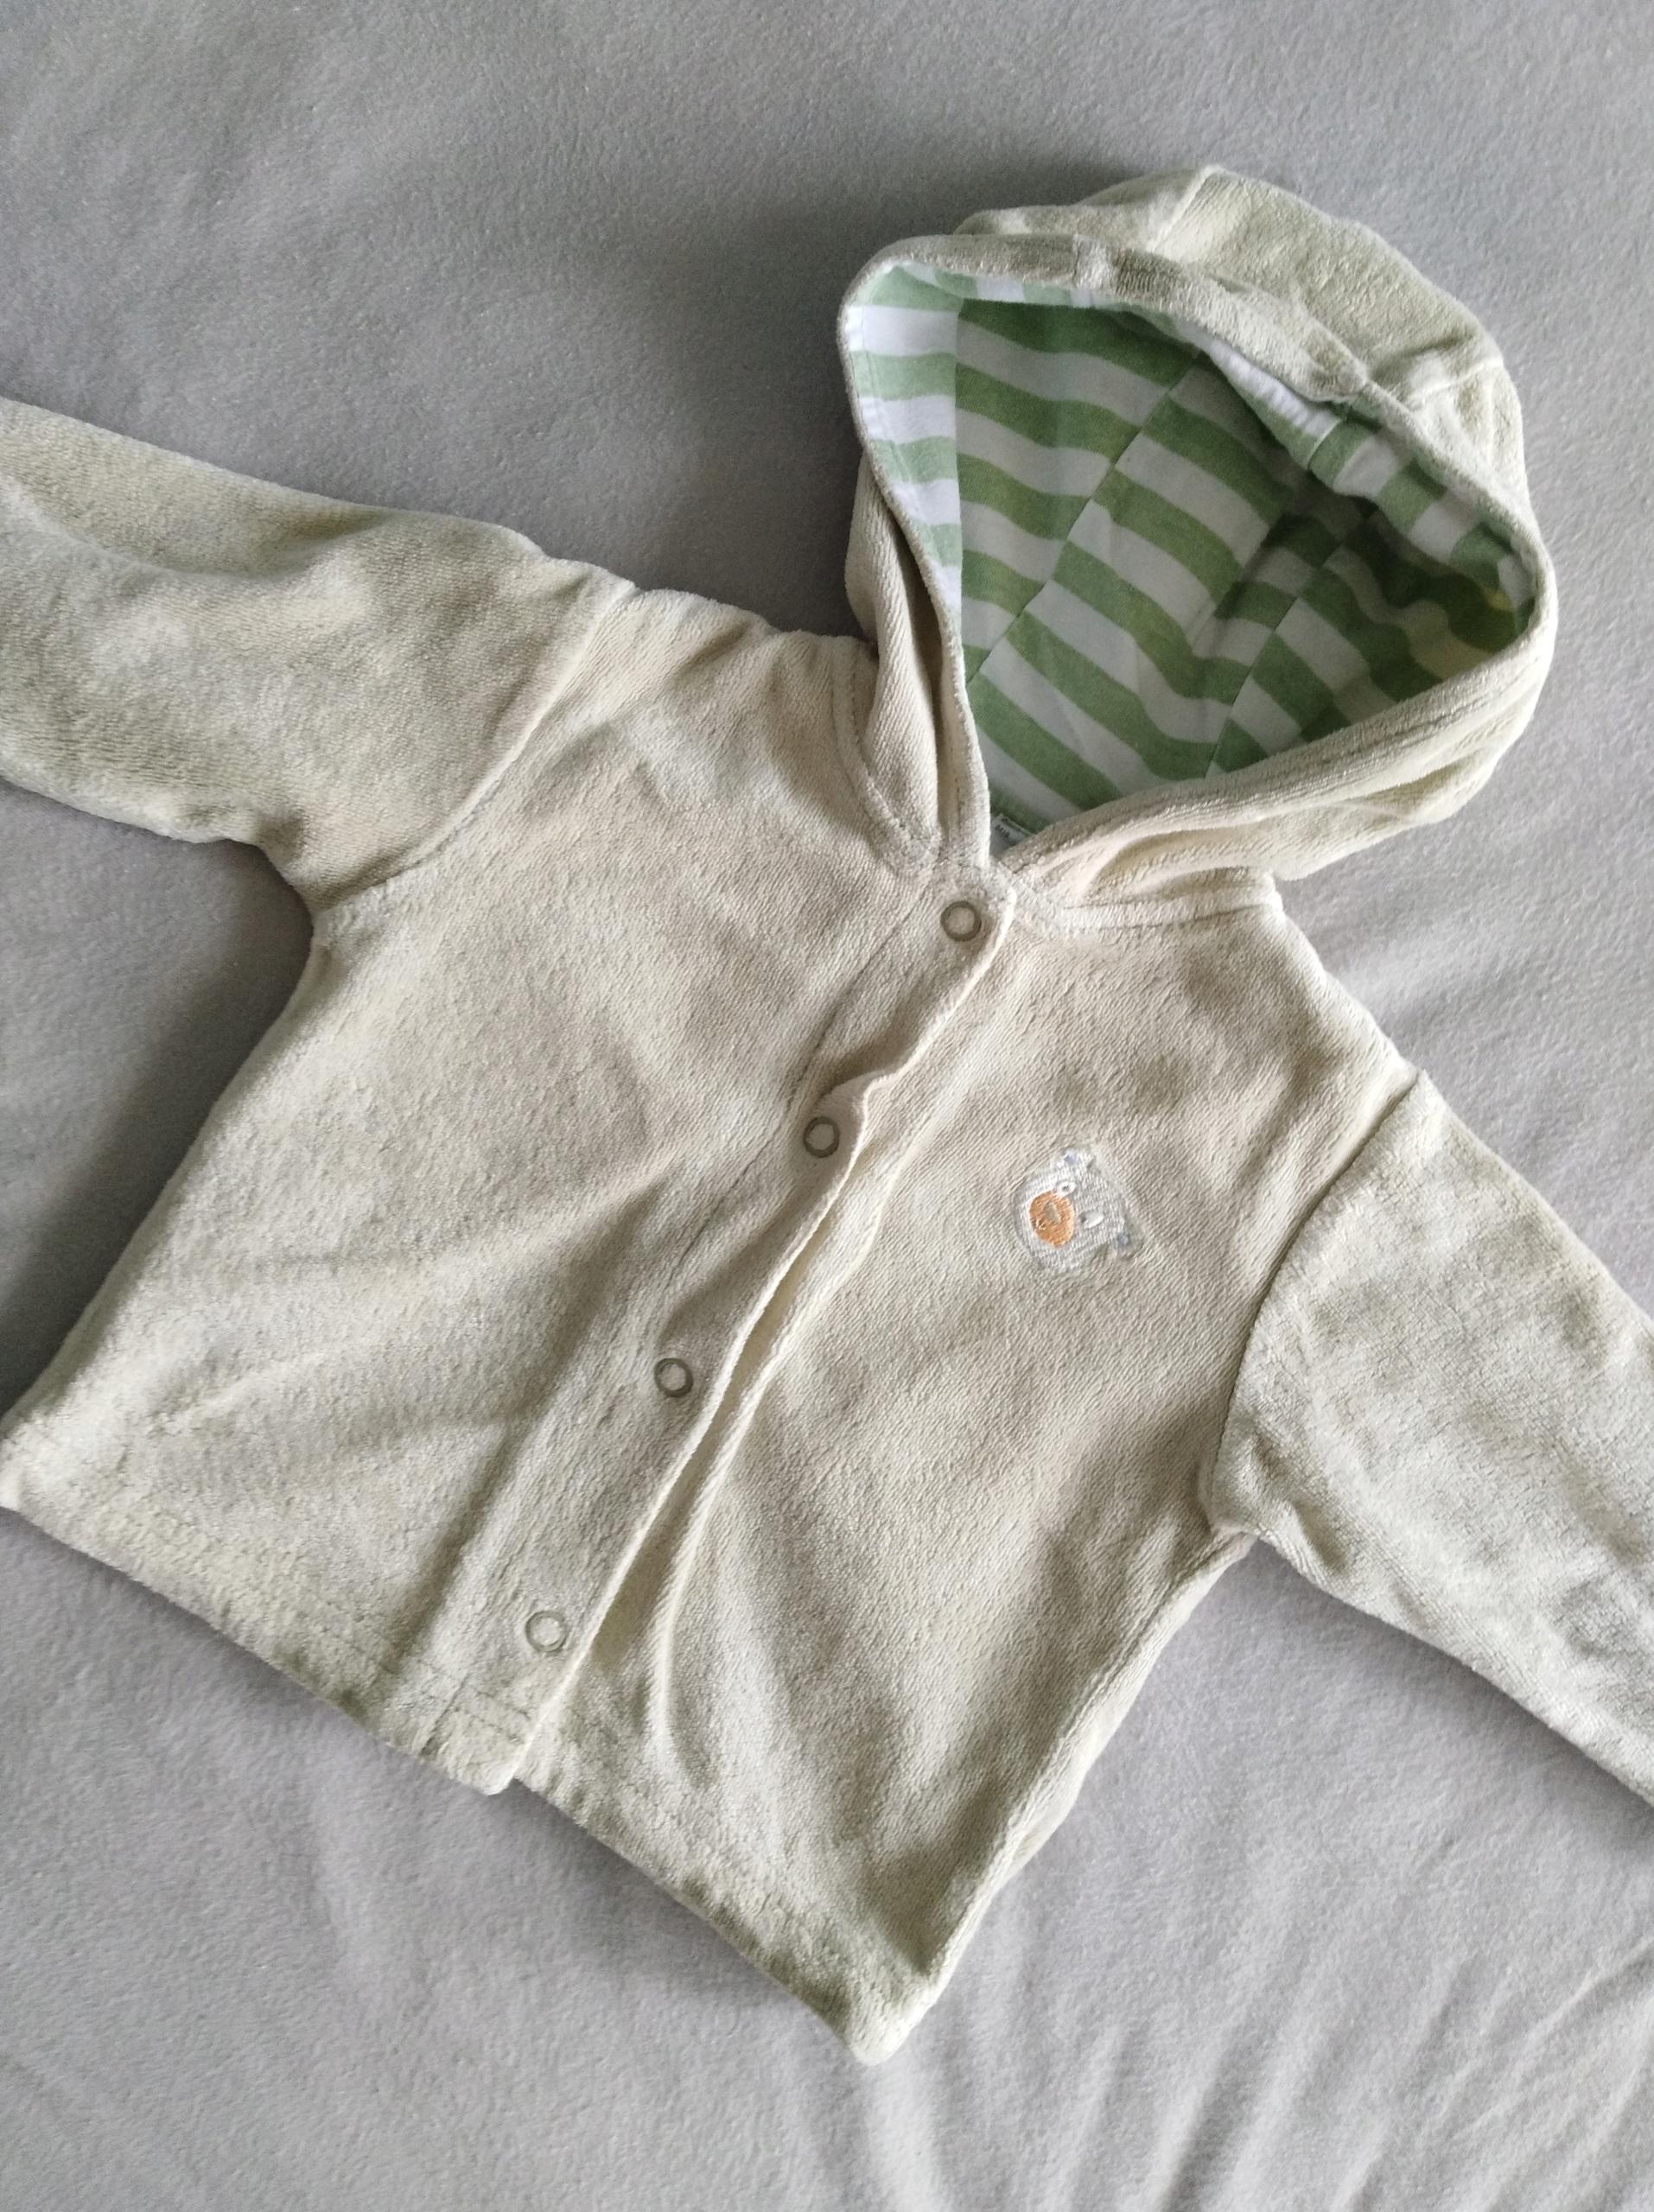 Polarkowa bluza z kapturem 68